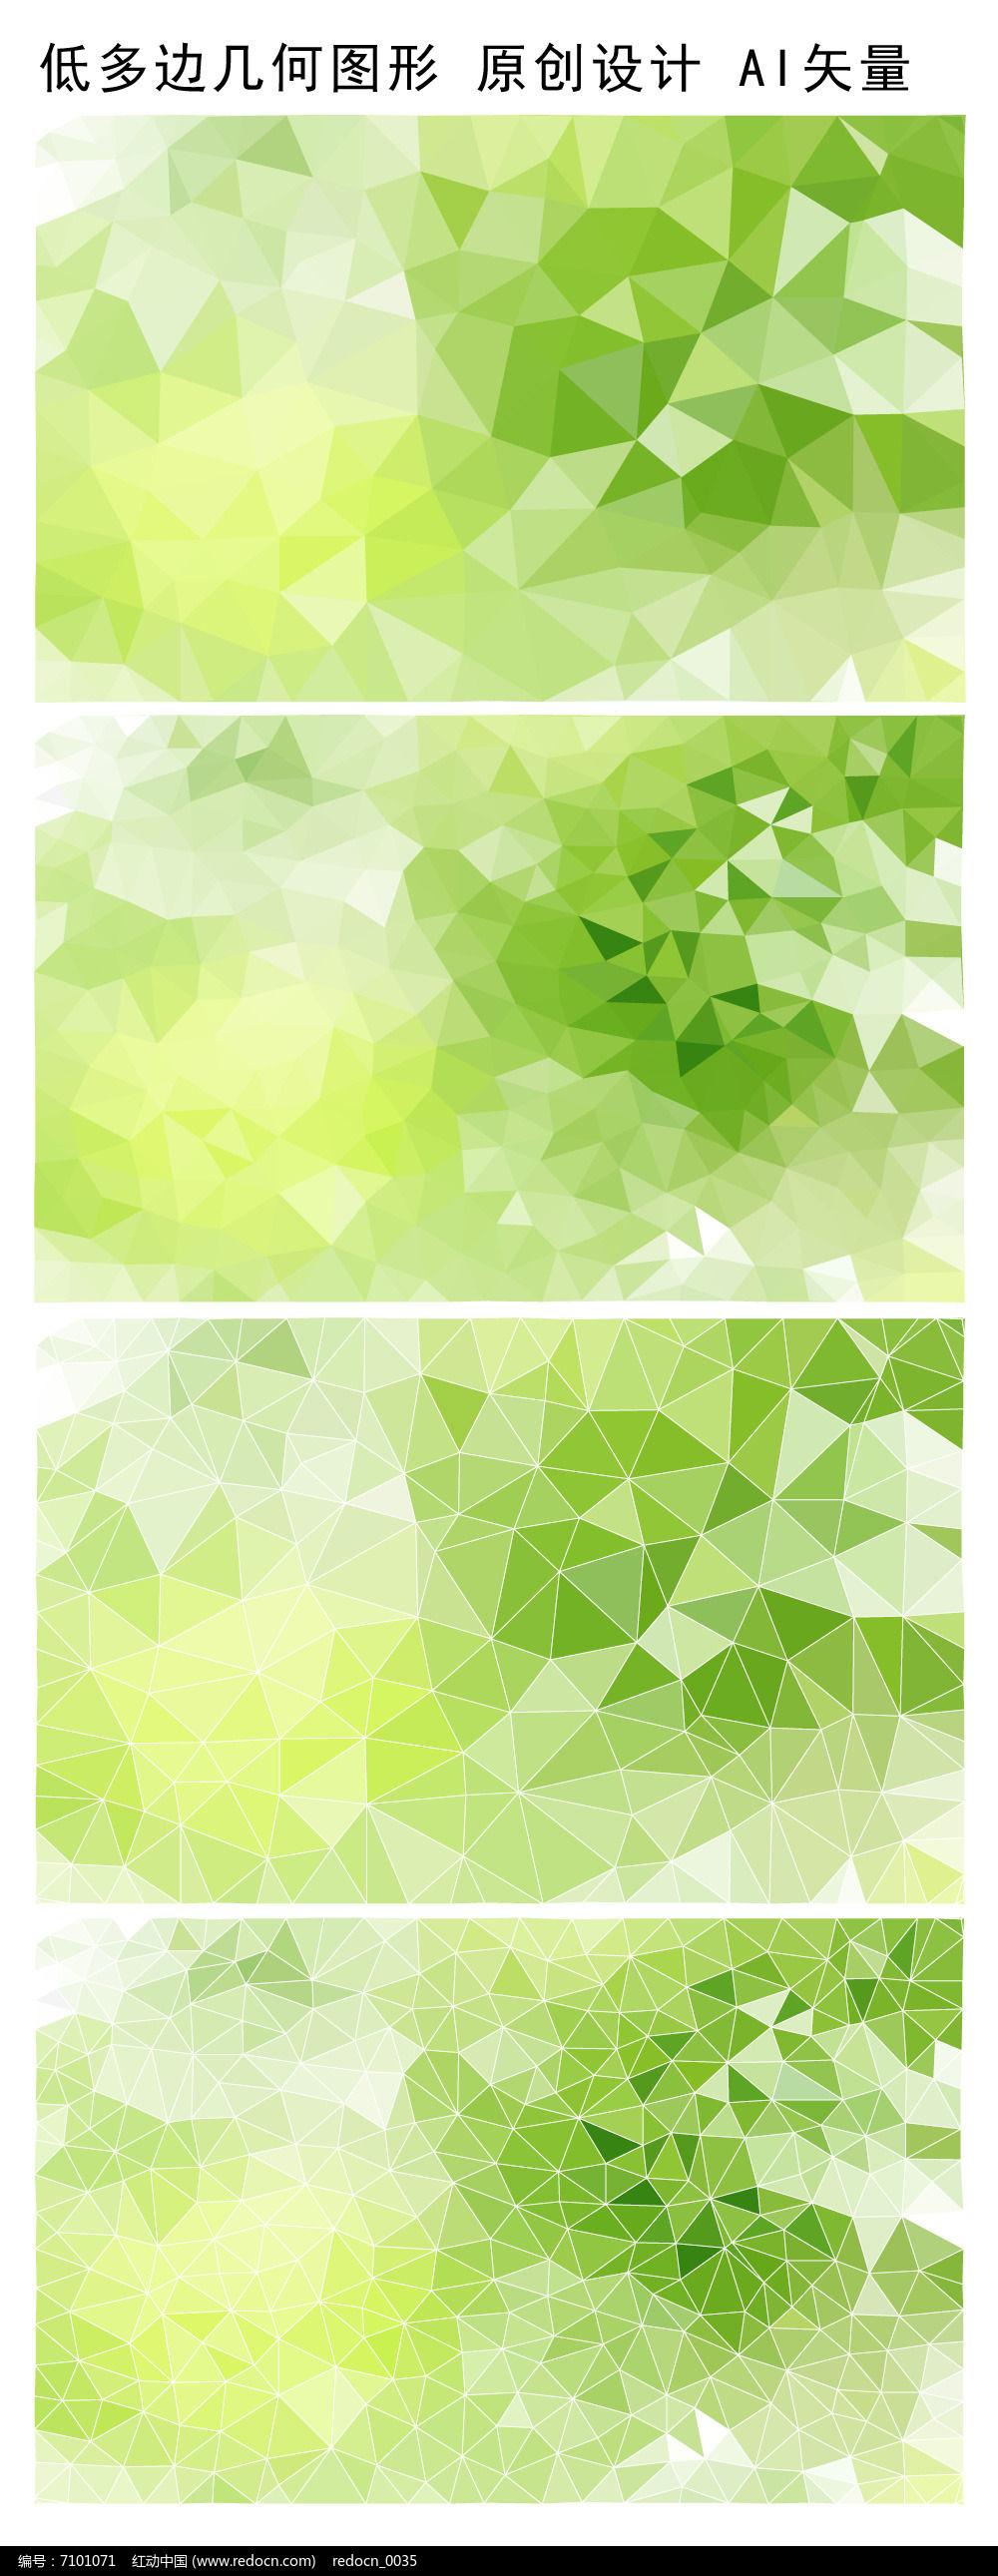 浅绿色多边形背景图案图片